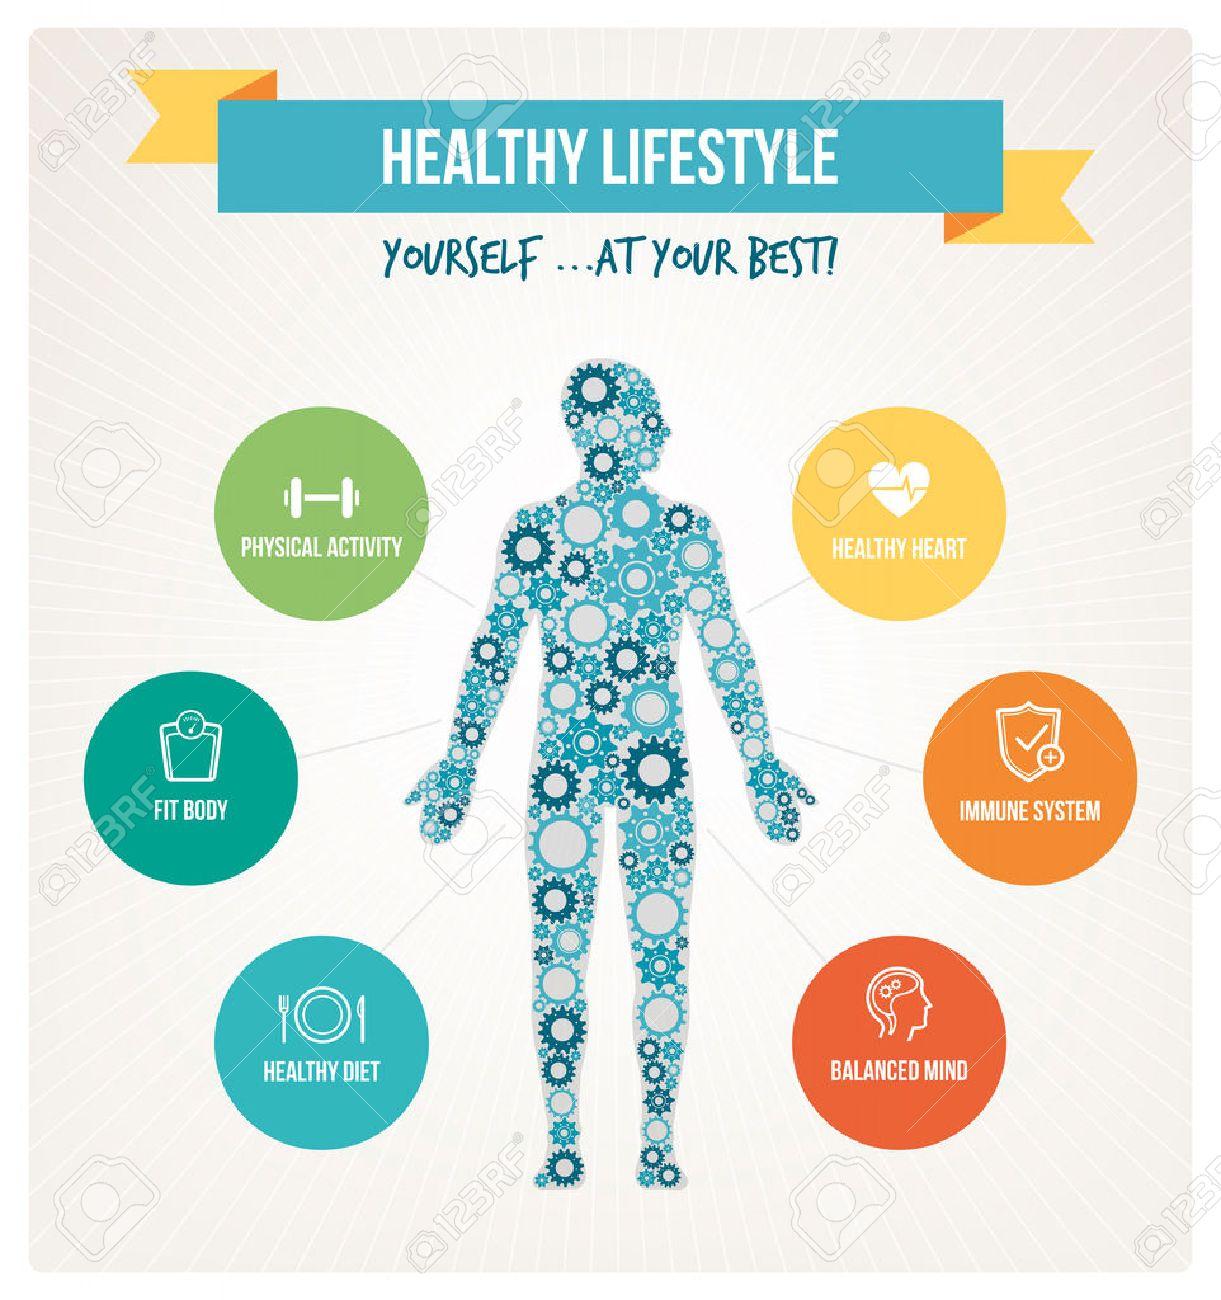 cuerpo y estilo de vida saludables concepto infografa con cuerpo humano compuesto por engranajes y los